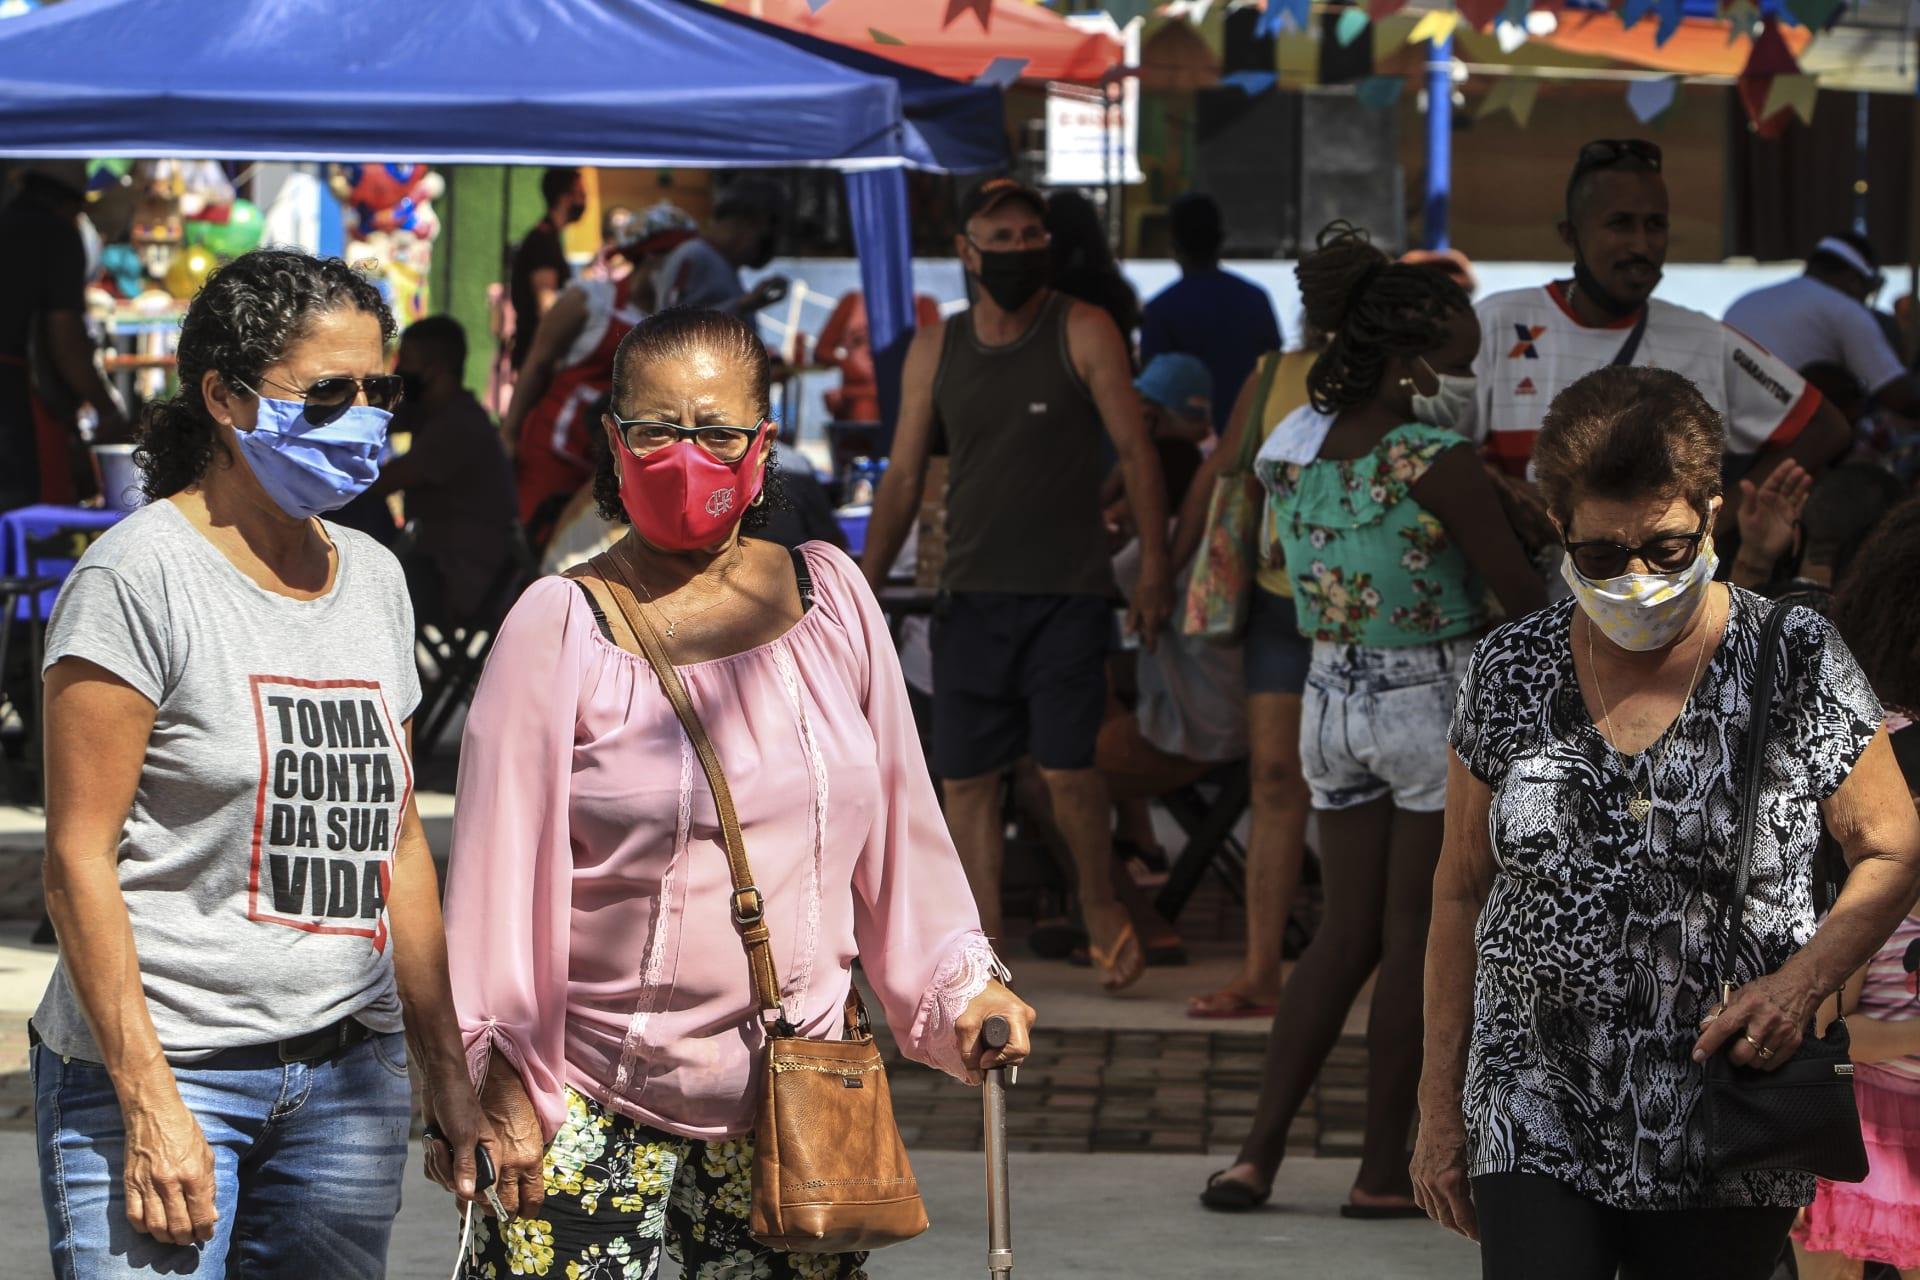 عدد من الأشخاص يرتدون أقنعة طبية واقية بعد تفشي فيروس كورونا في البرازيل